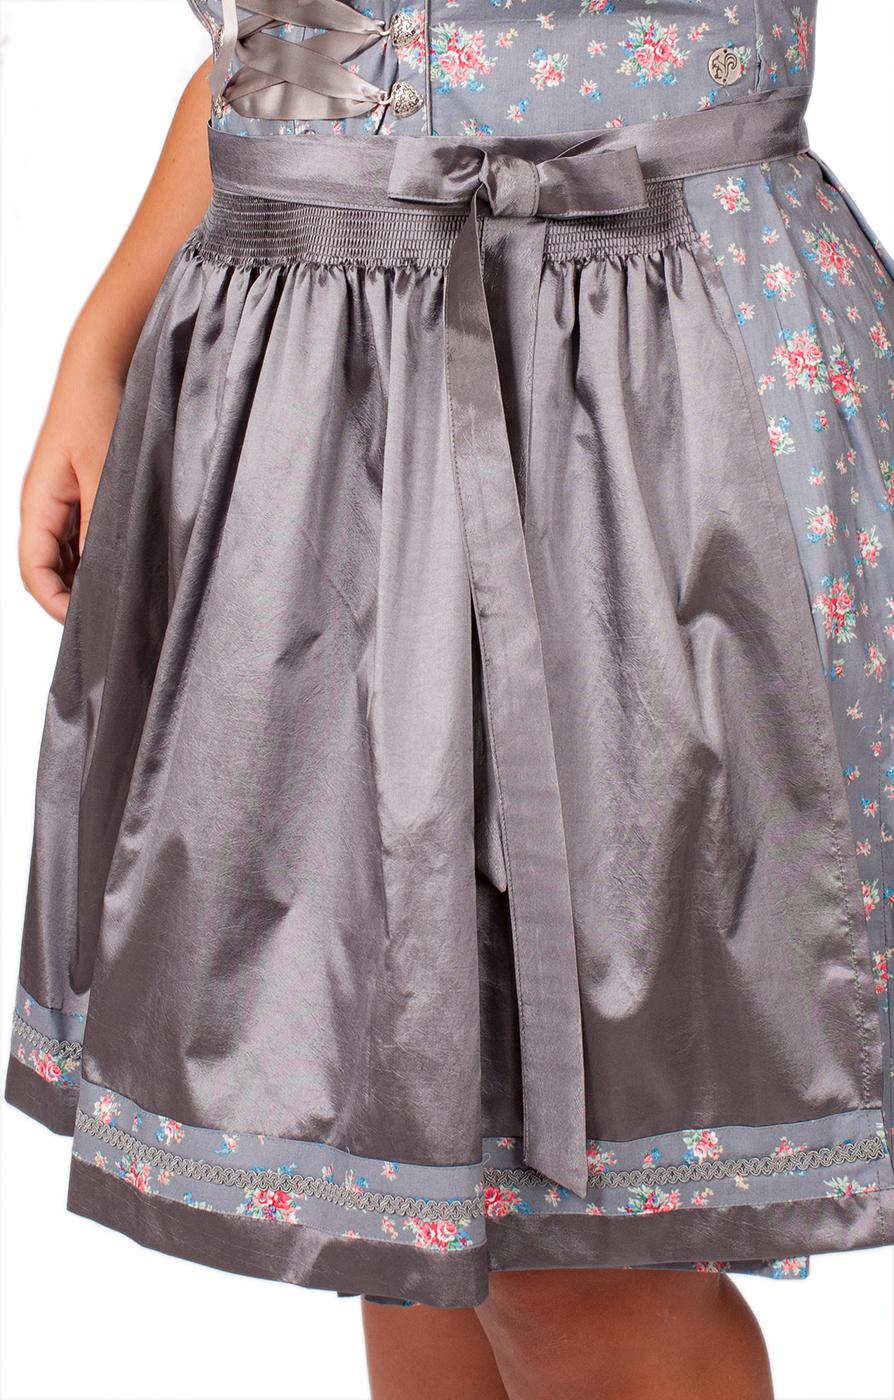 weitere Bilder von Mididirndl Toscana 2tlg. 58cm PLUS SIZE grau